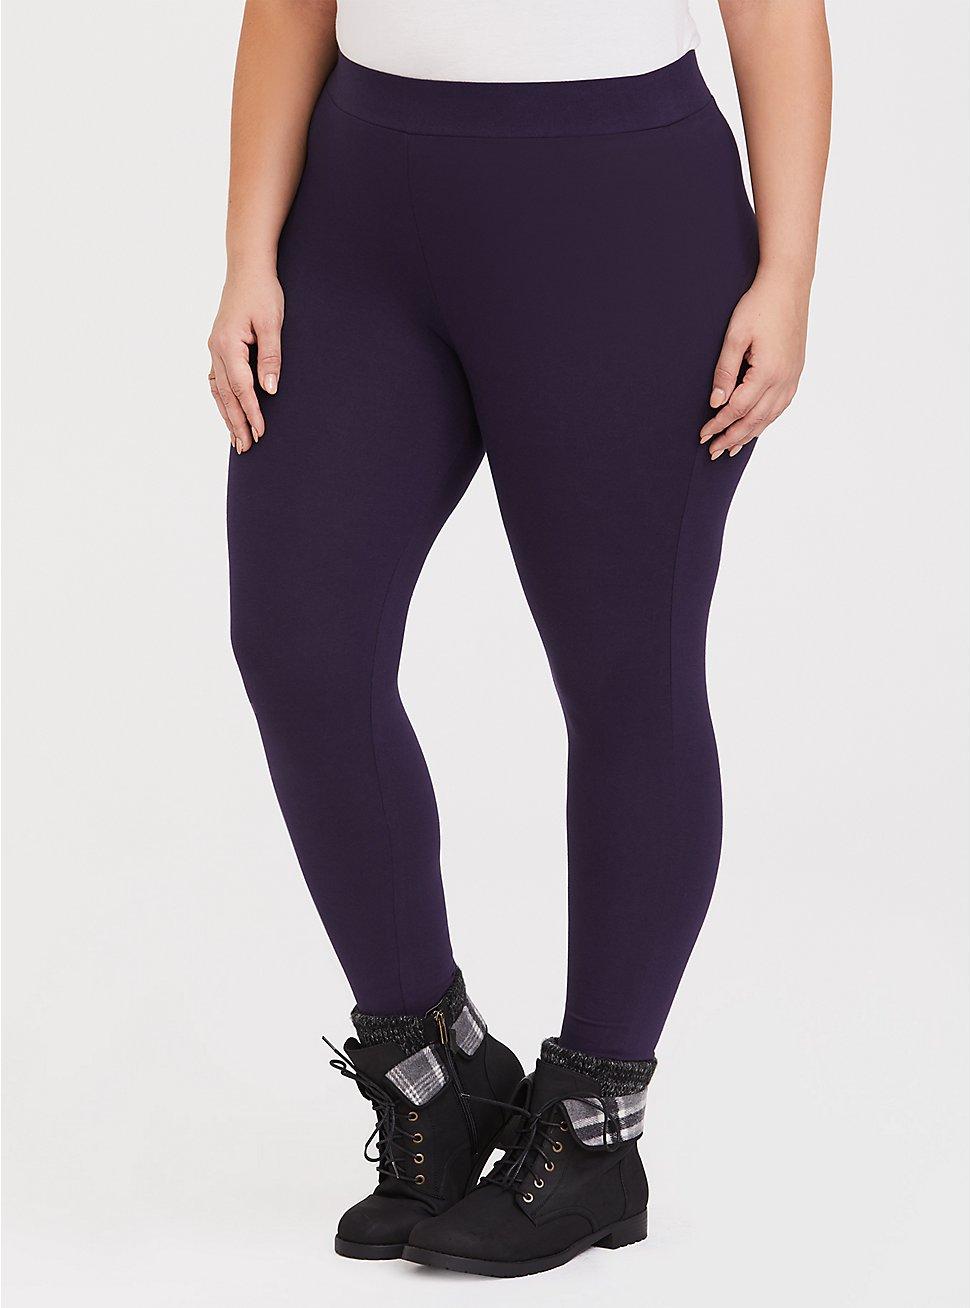 Premium Legging - Deep Purple, MULLED CURRANT, hi-res